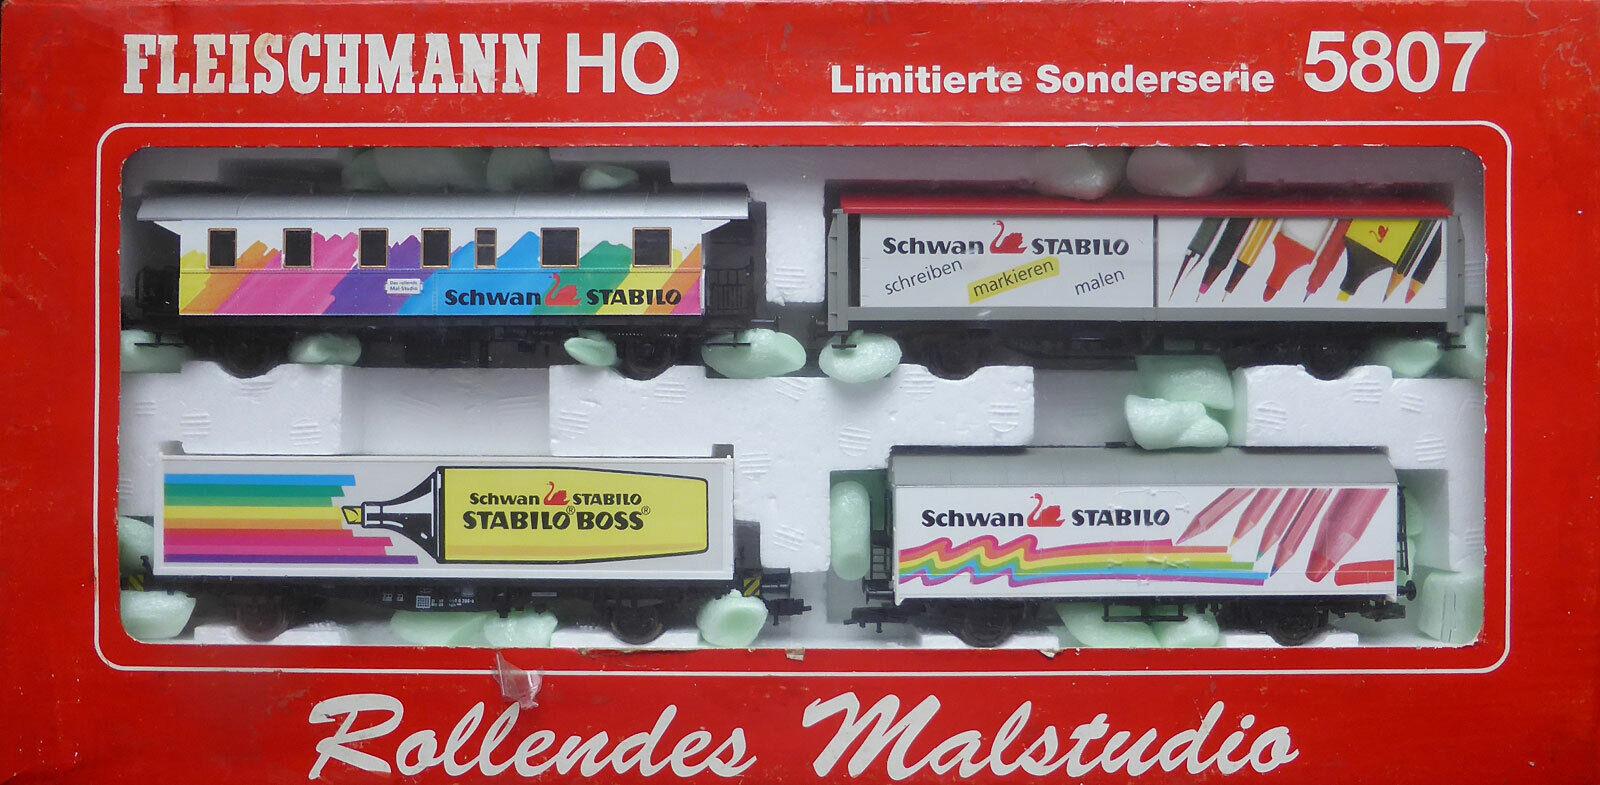 el precio más bajo Fleischmann 5807; Conjunto de Cocheros    Rolling Painting Studio  DB, en OVP  J839  grandes ahorros